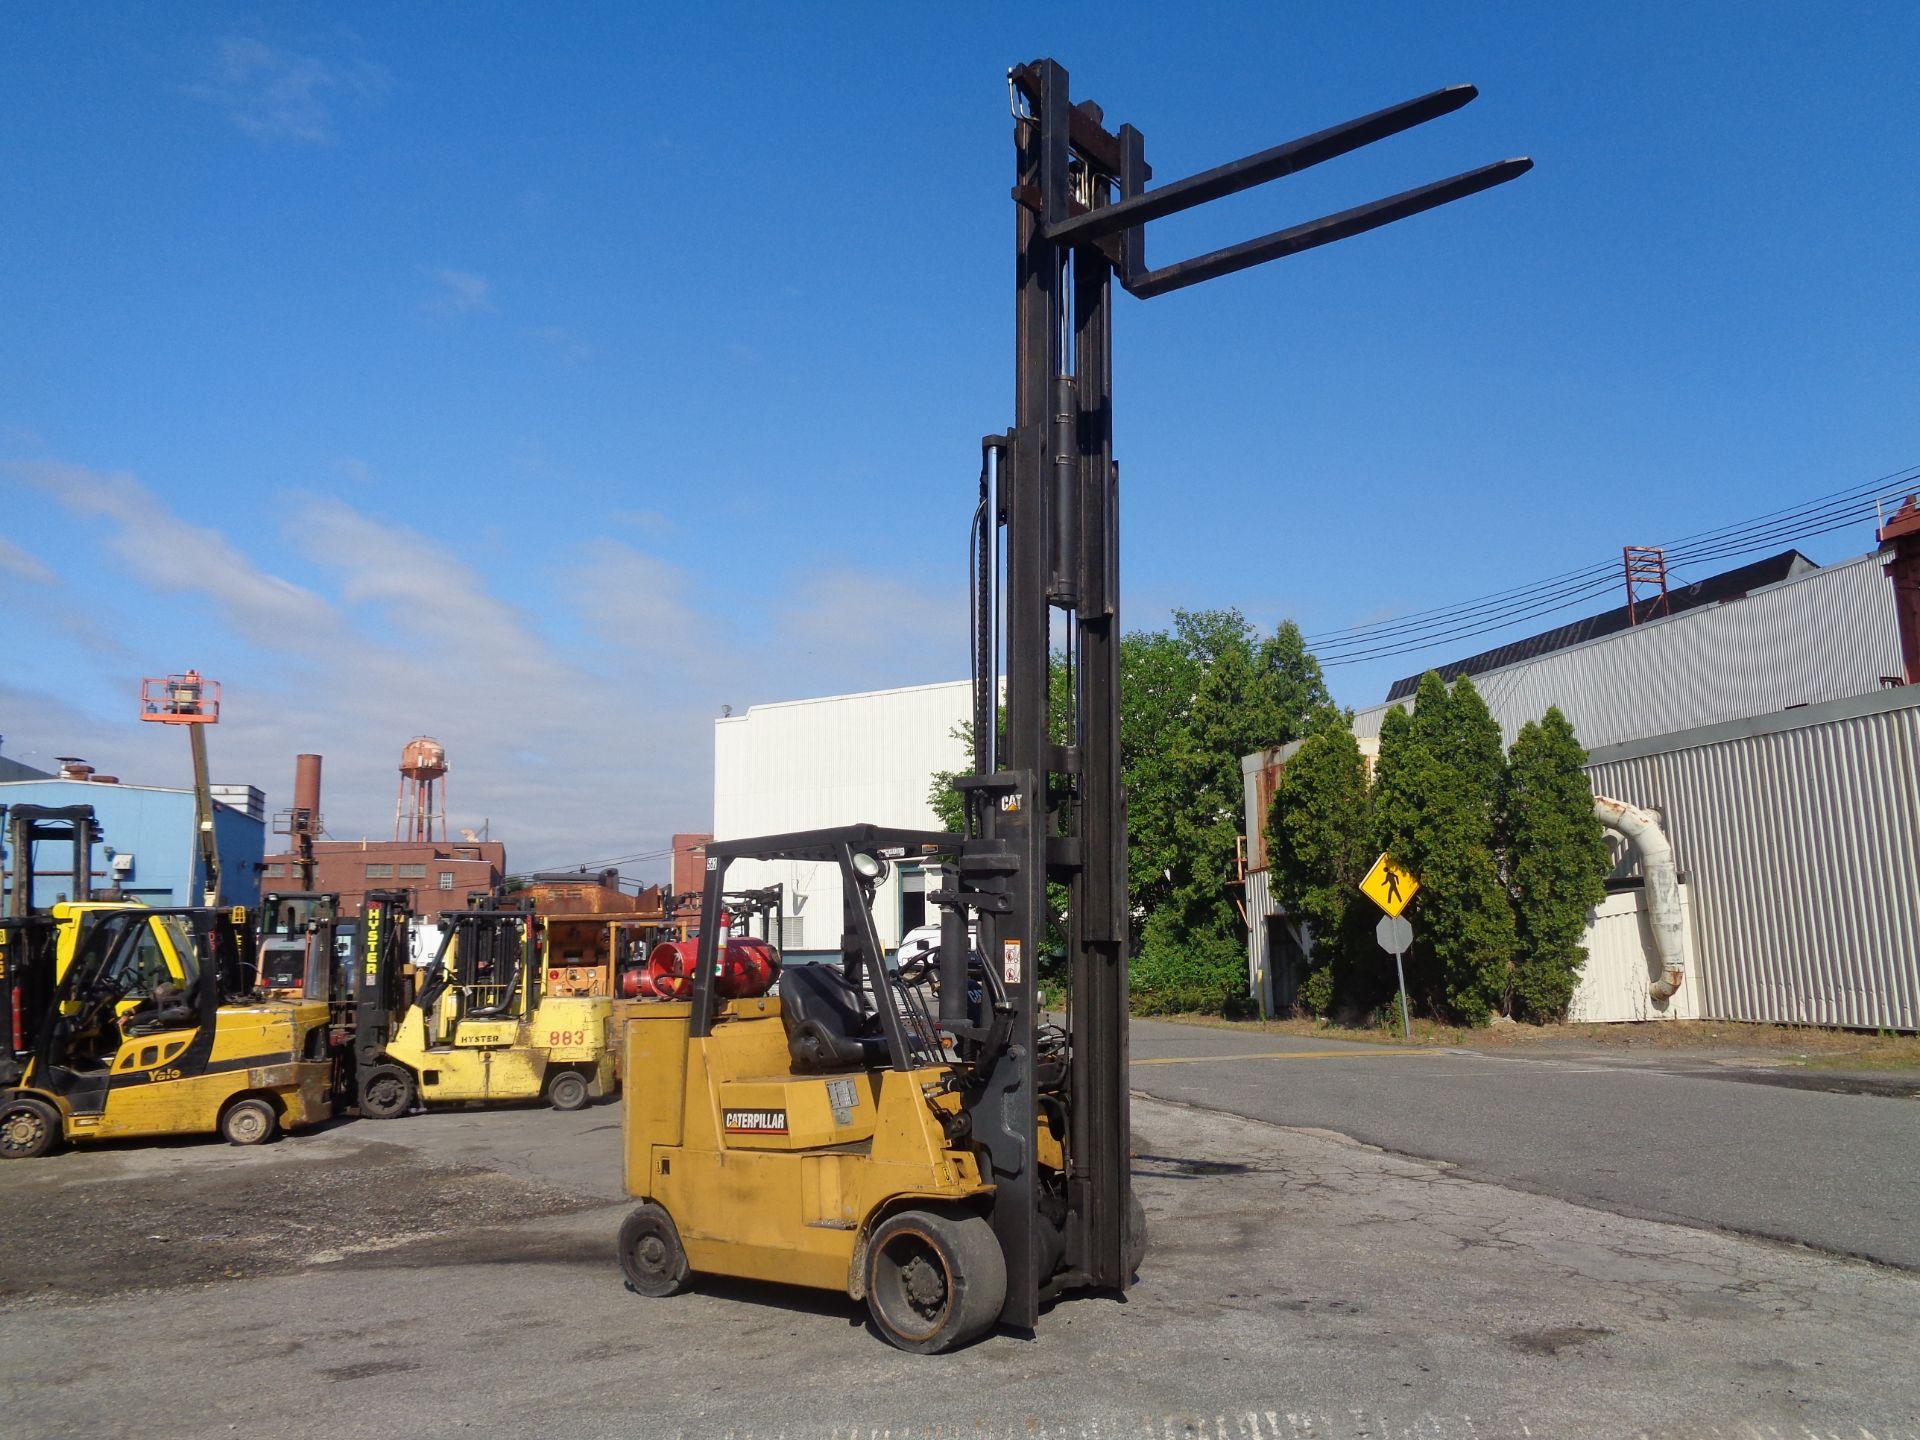 Caterpillar GC55KSTR 11,000lb Forklift - Image 11 of 14